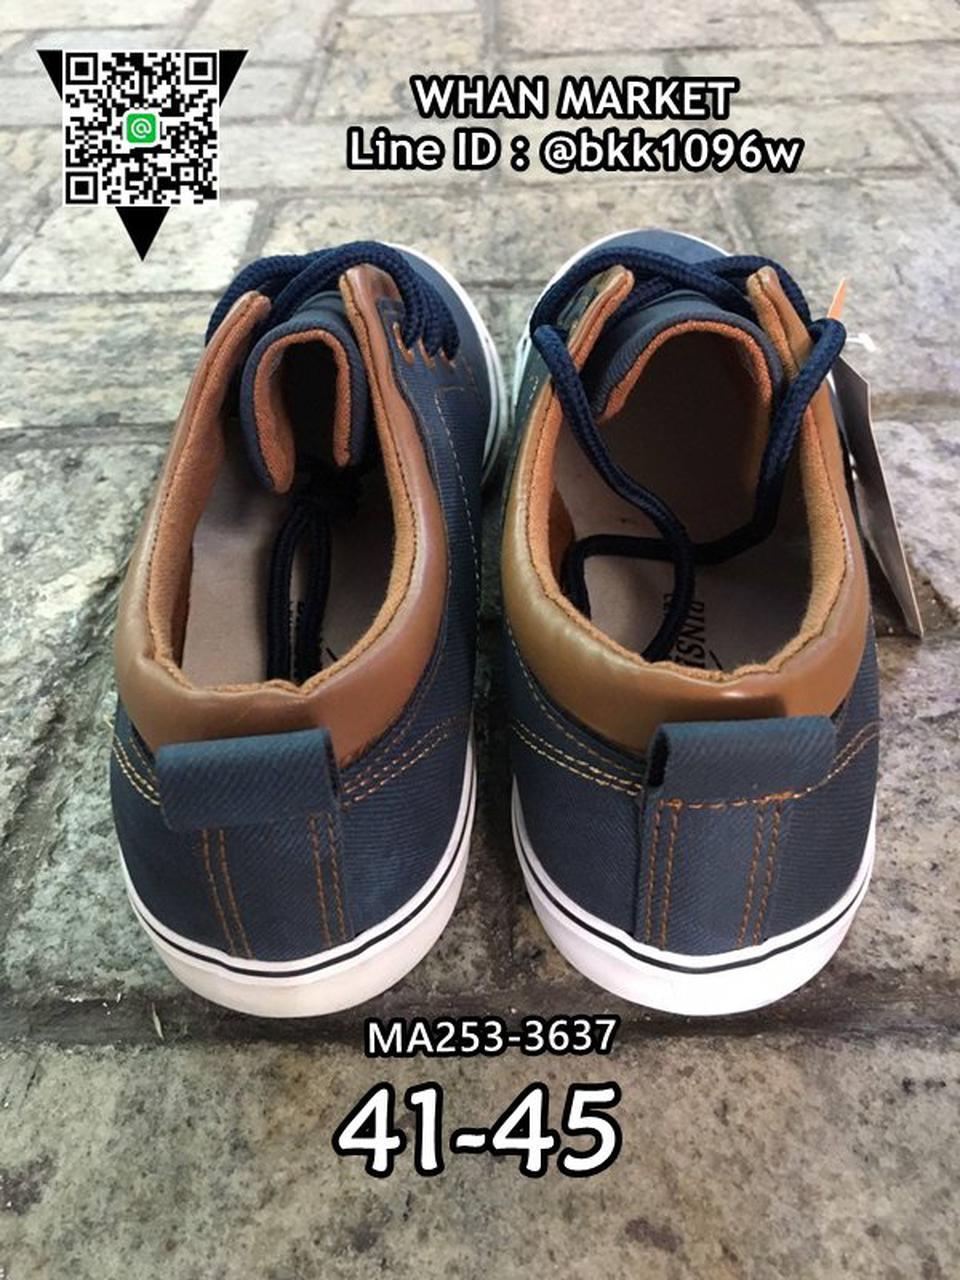 รองเท้าผ้าใบหนังผู้ชาย แบบผูกเชือก วัสดุหนังPUคุณภาพดี รูปที่ 4